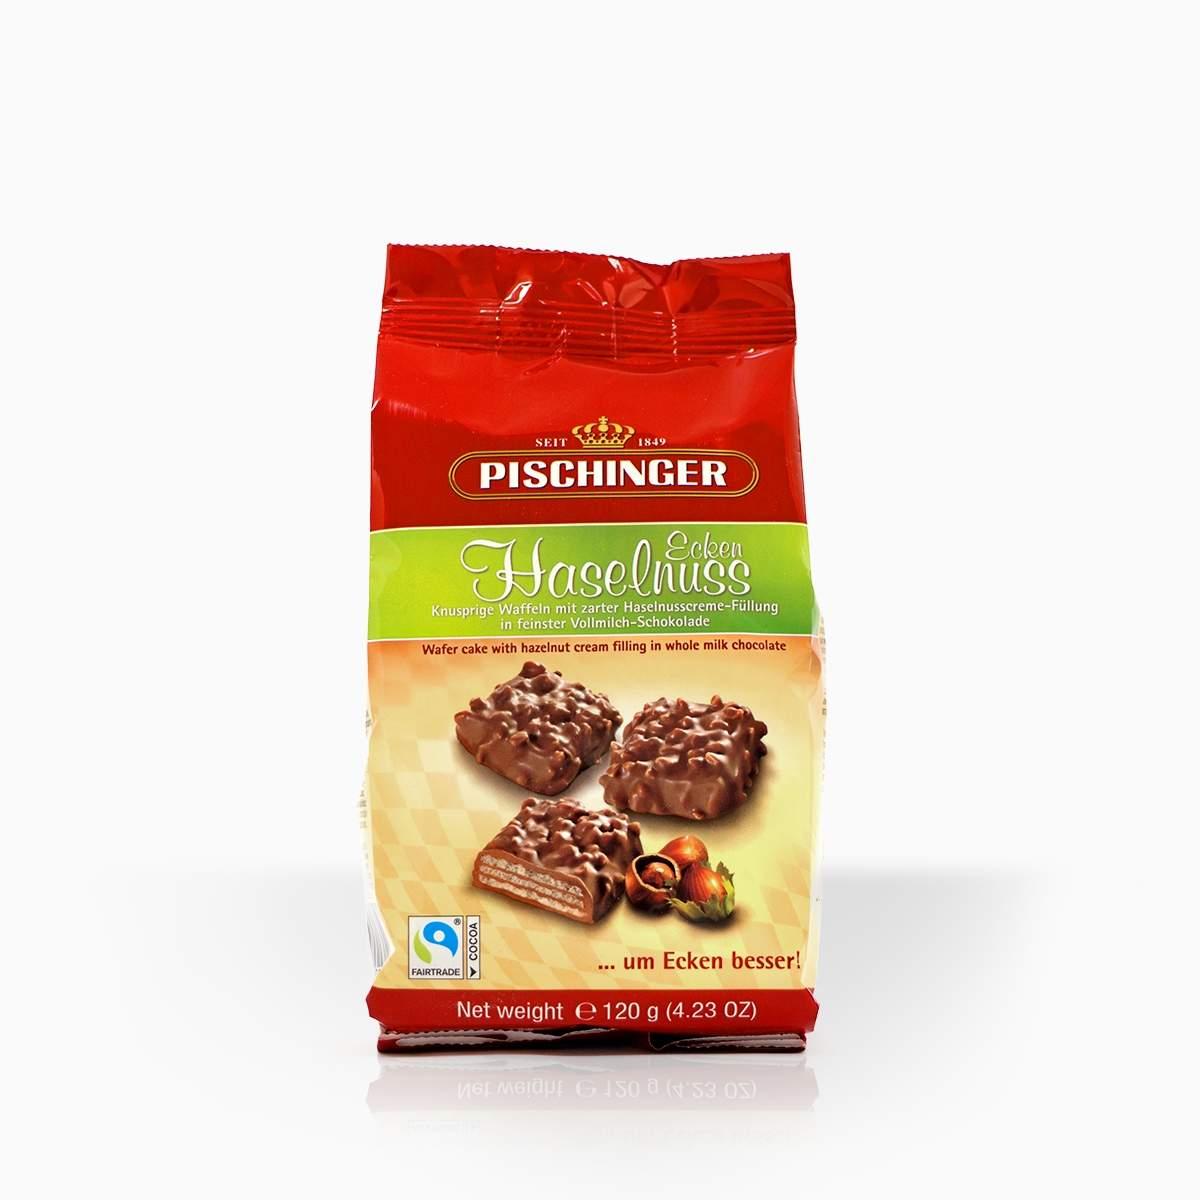 Pischinger oblátky s lieskovoorieškovým krémom v mliečnej čokoláde 120g